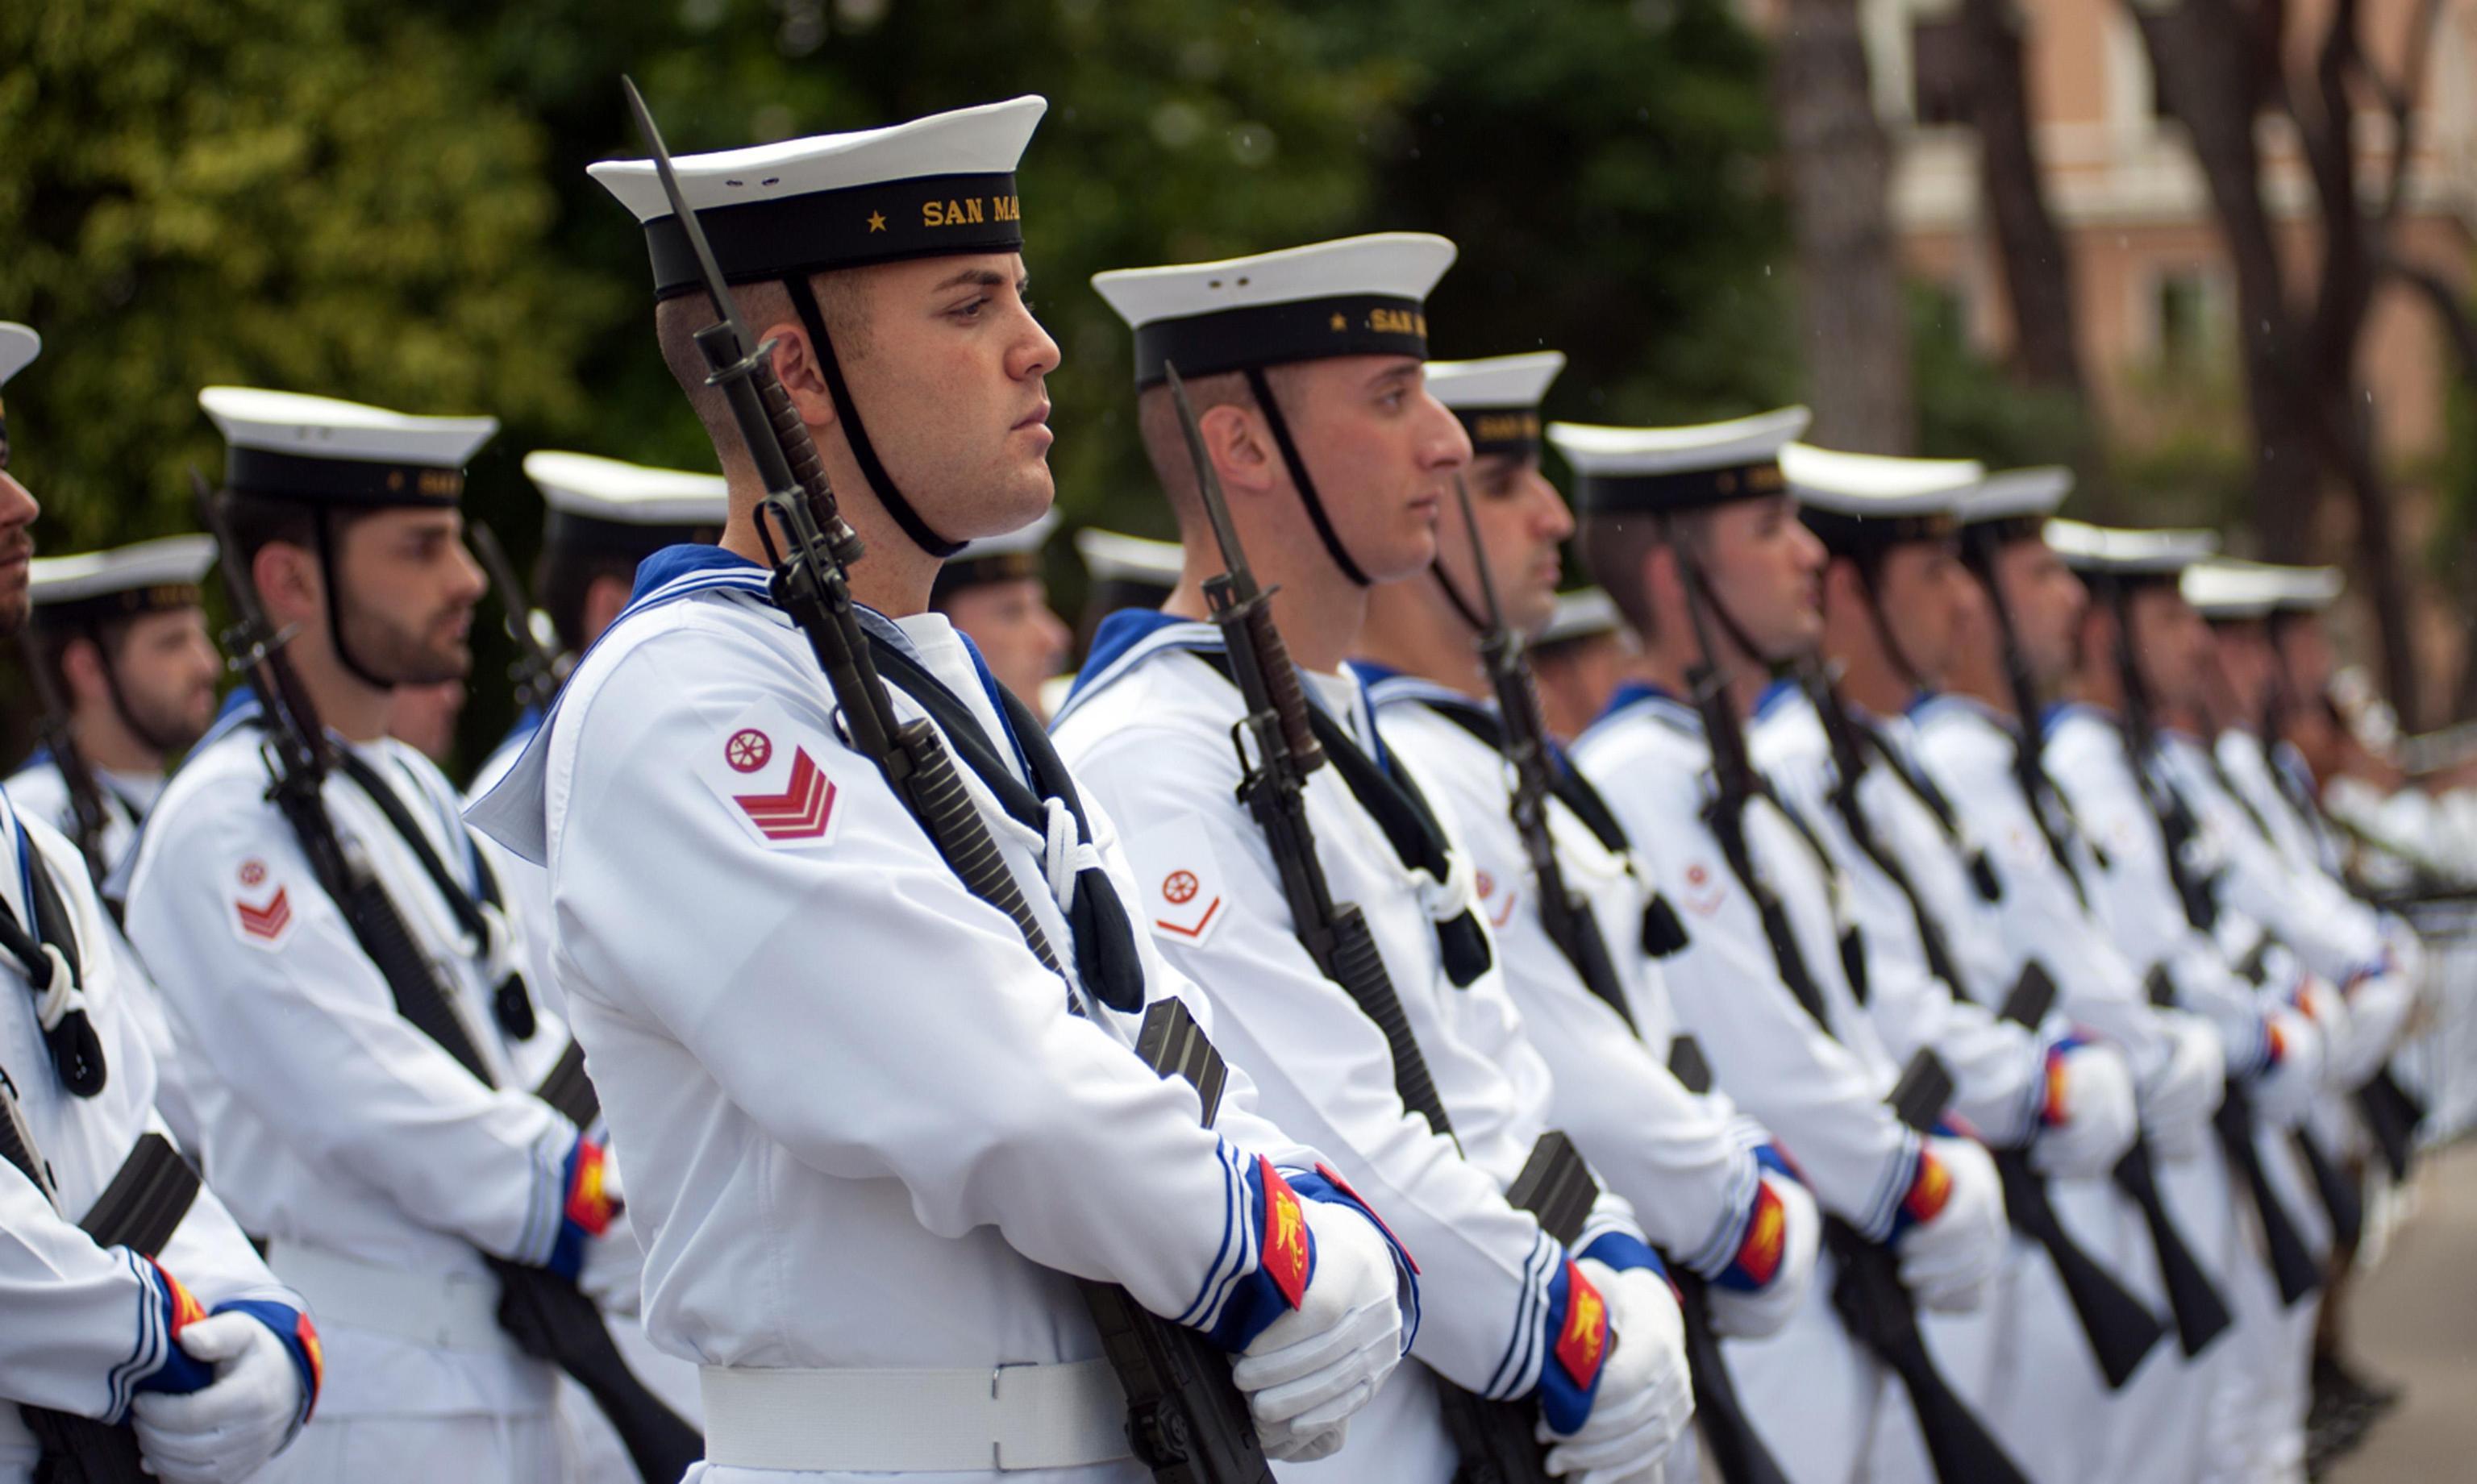 Concorso marina militare per reclutamento personale 2017 for Soggiorni militari invernali 2016 2017